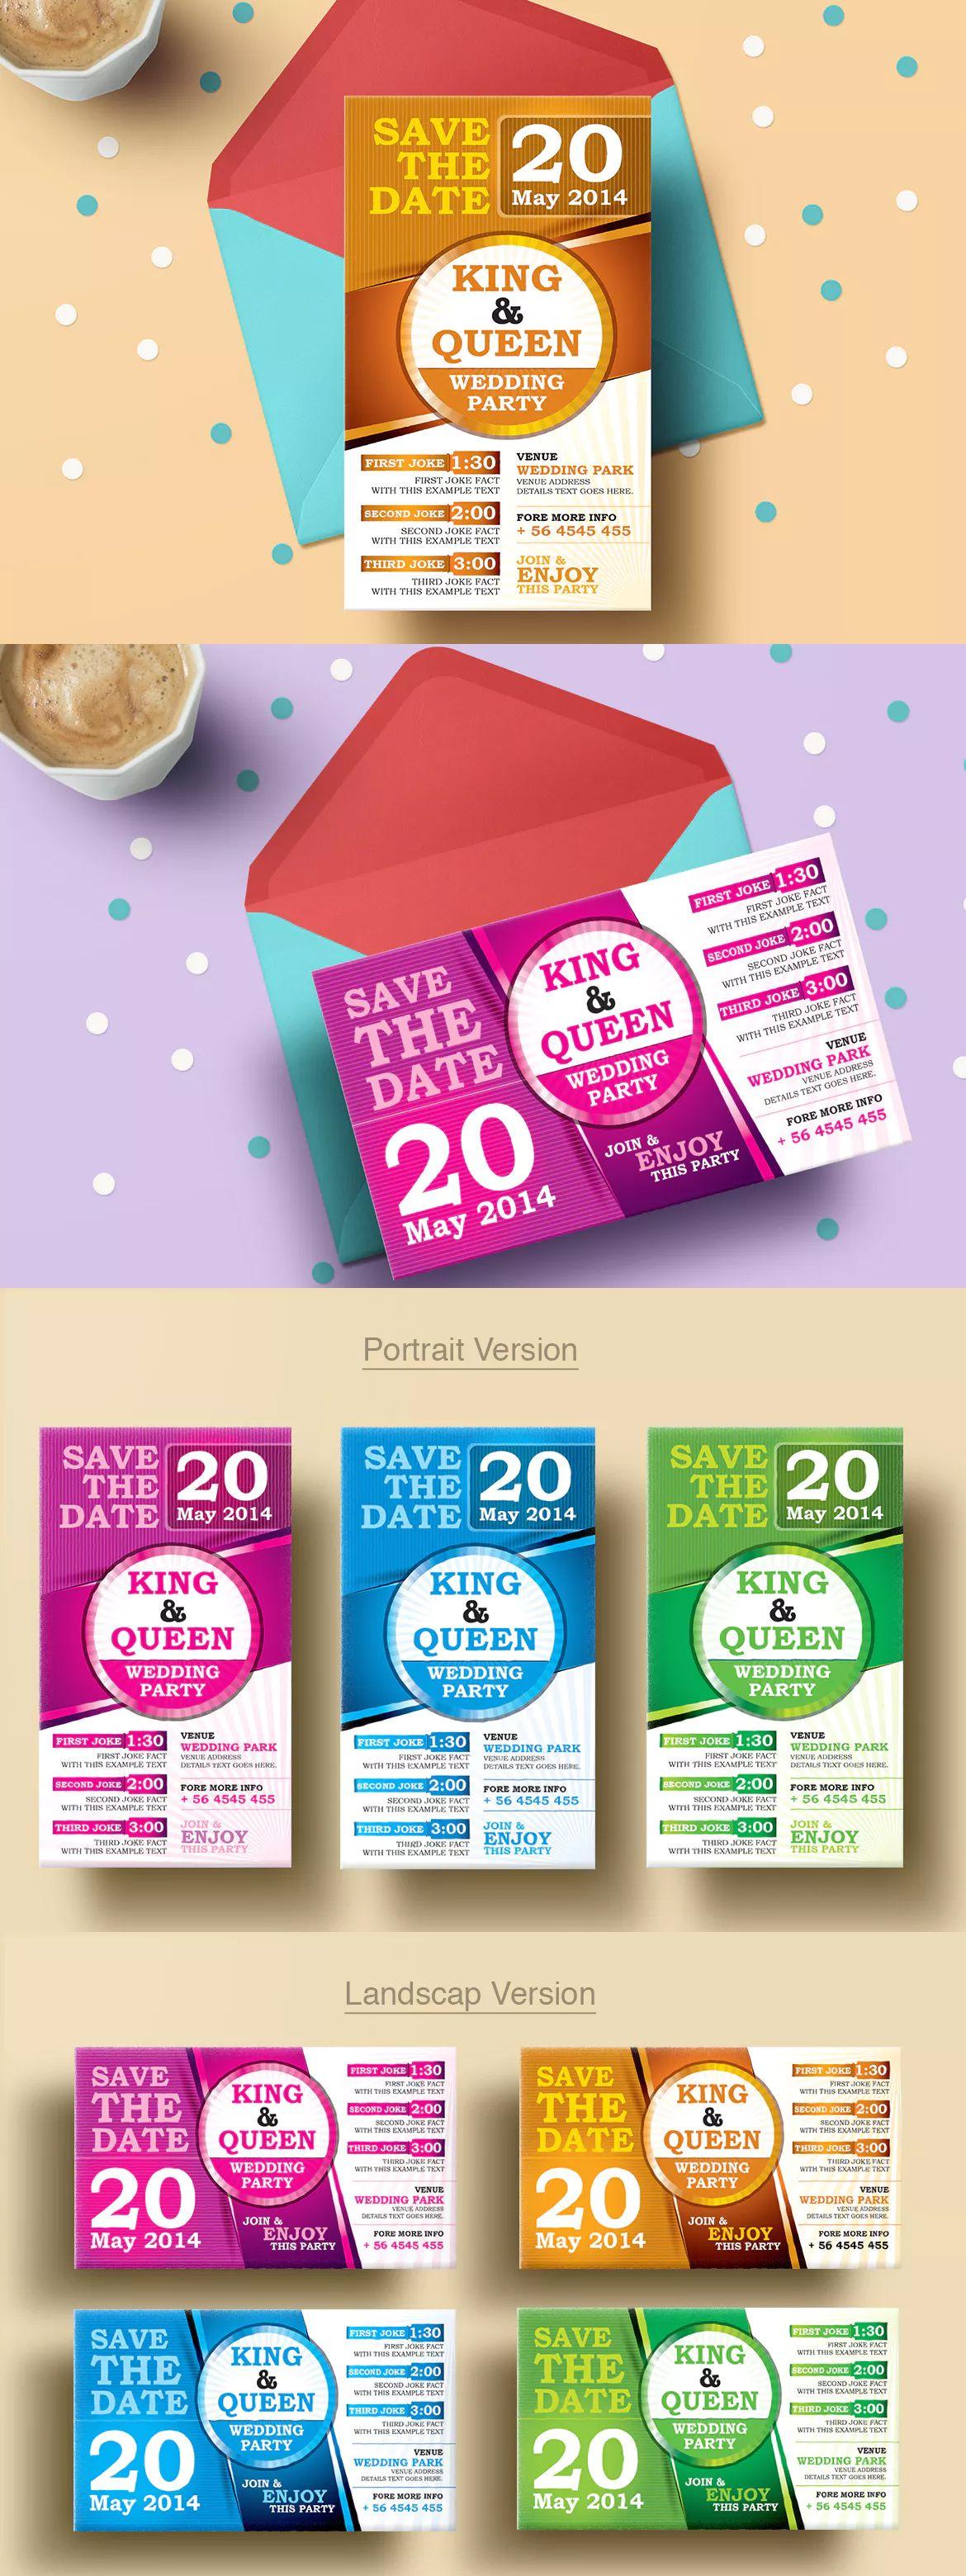 Wedding partyceremony invitation cards template eps wedding wedding partyceremony invitation cards template eps stopboris Choice Image